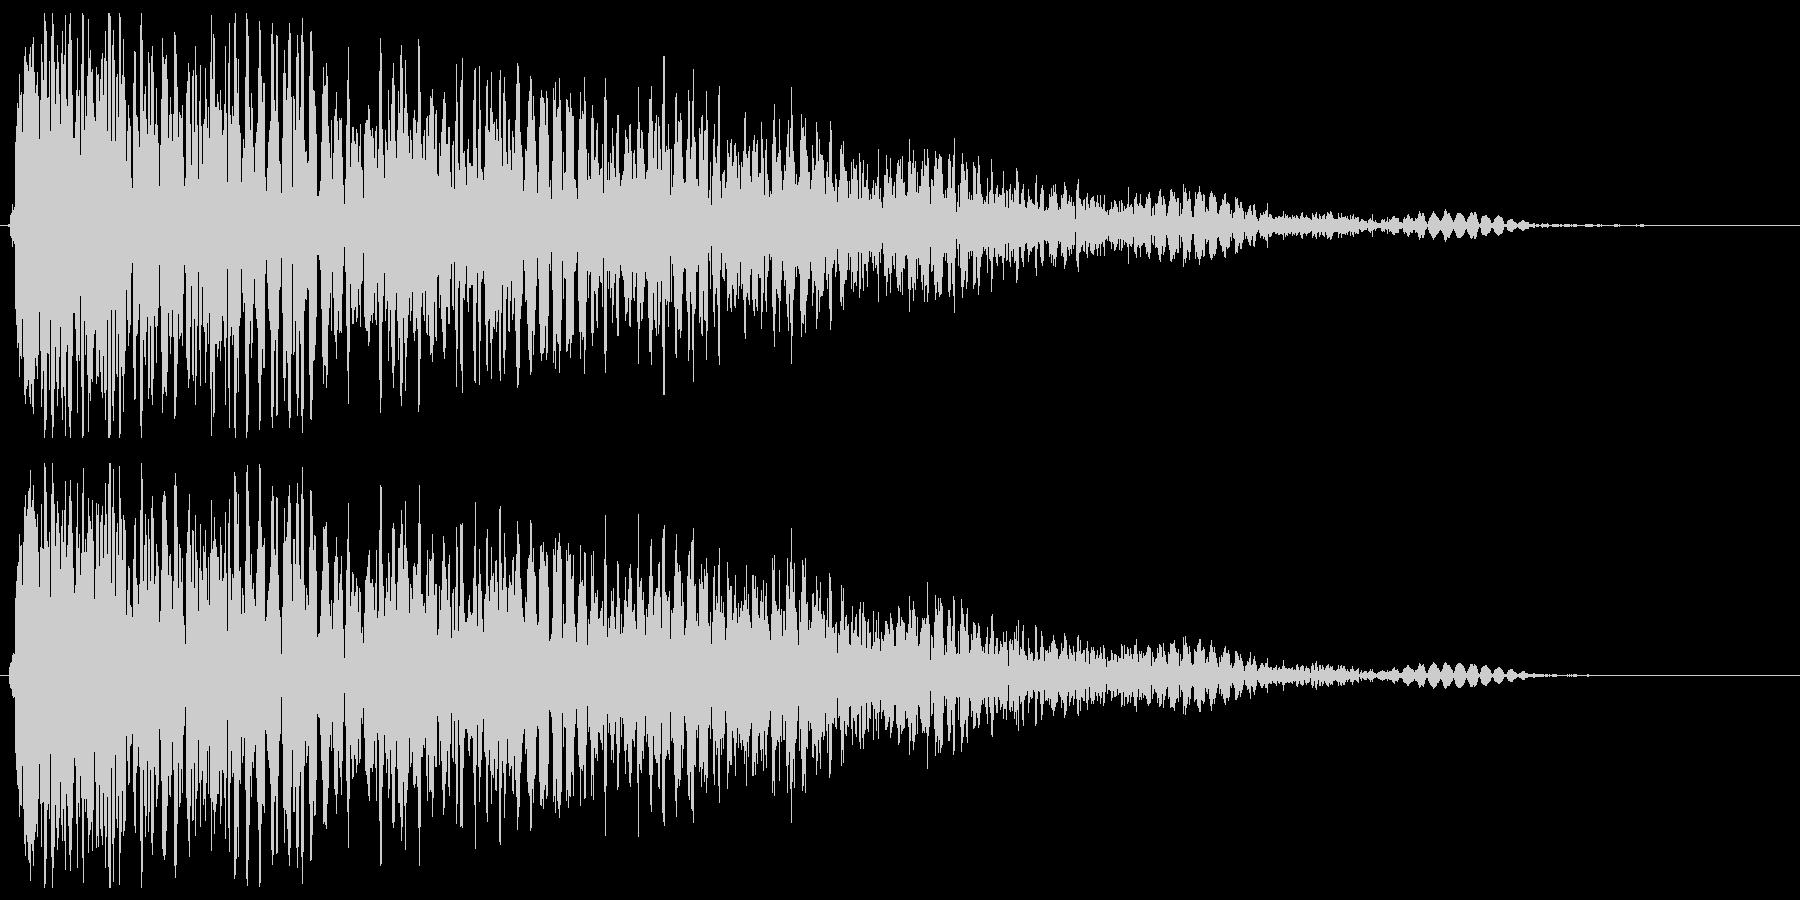 銃声音と余韻がある音の未再生の波形